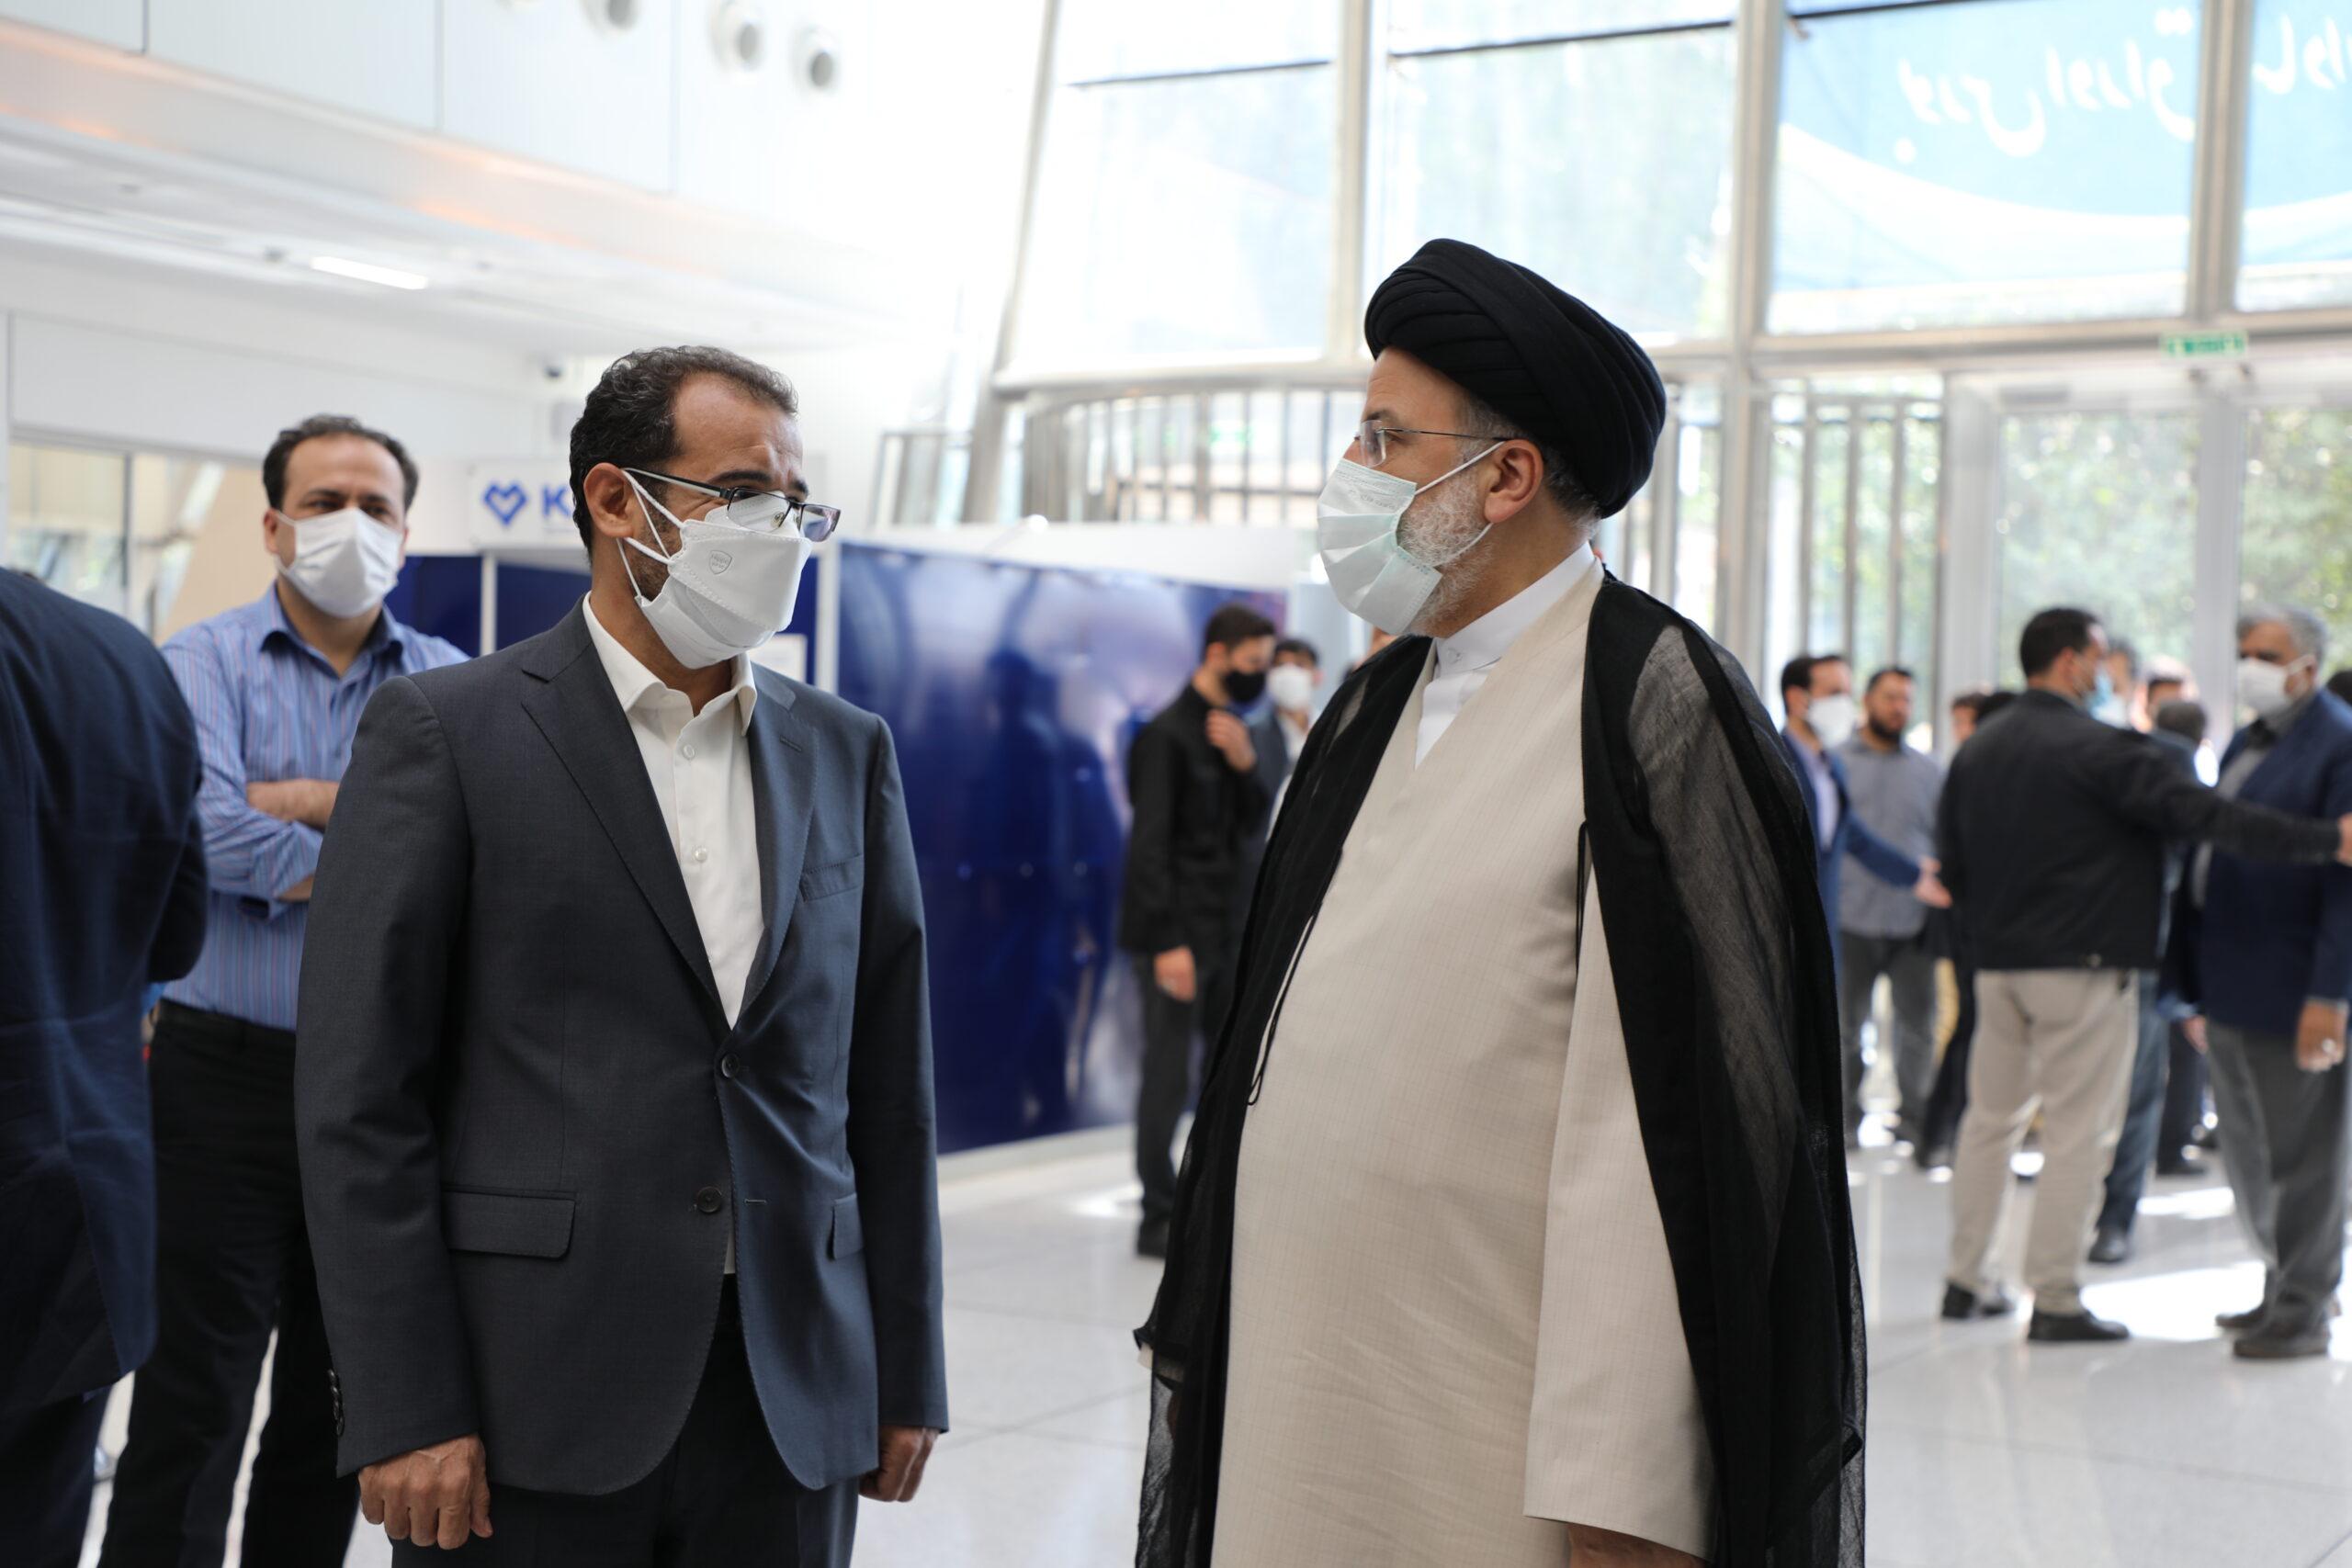 حضور صمیمانه آیتالله رئیسی در بورس اوراق بهادار تهران